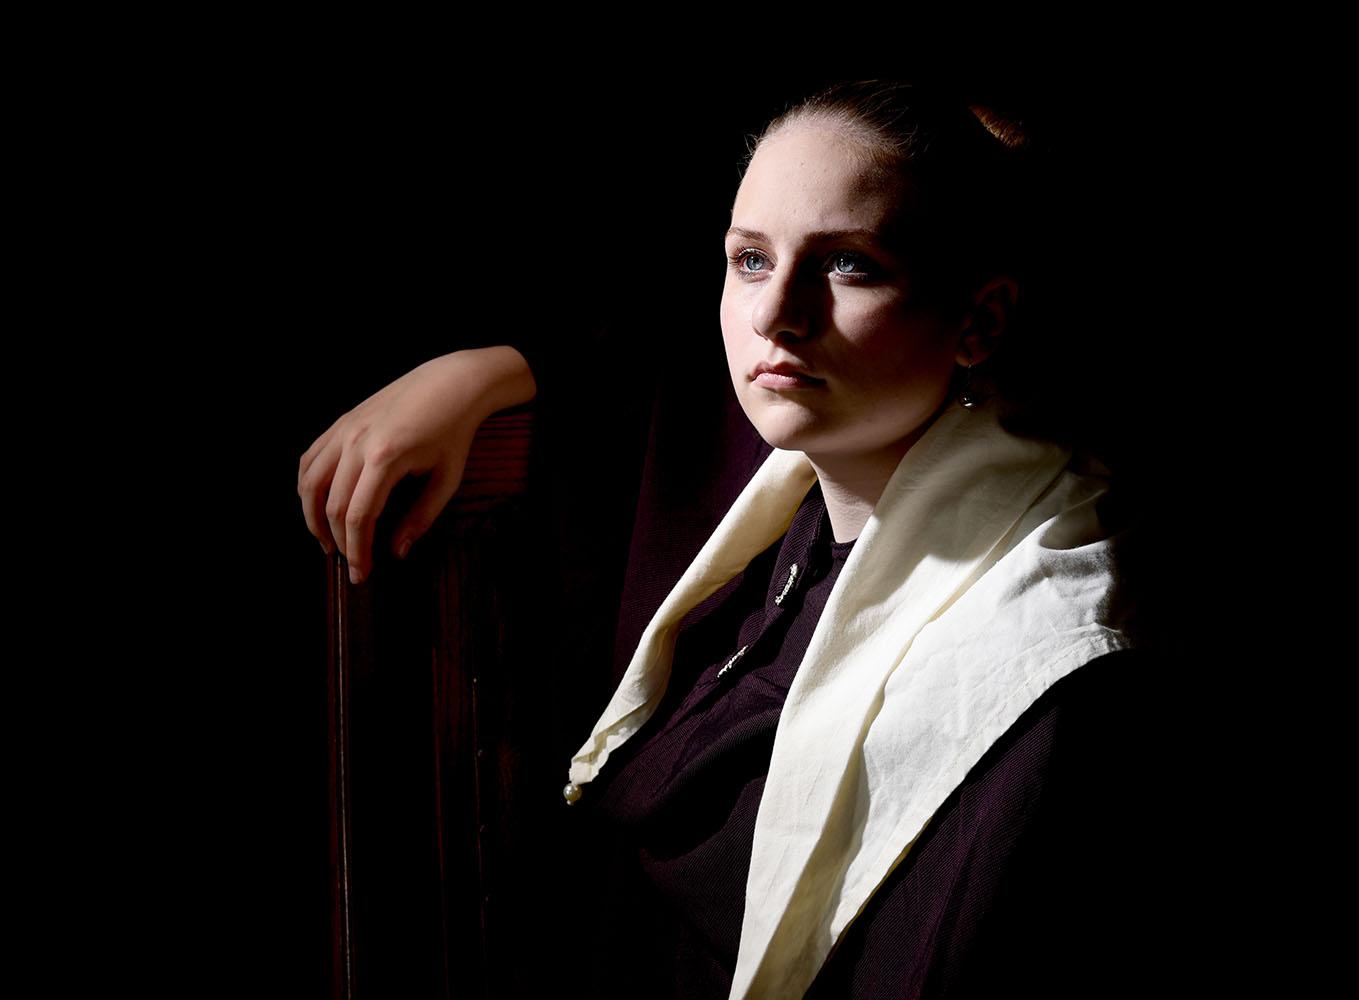 Model Bonnie Tieleman